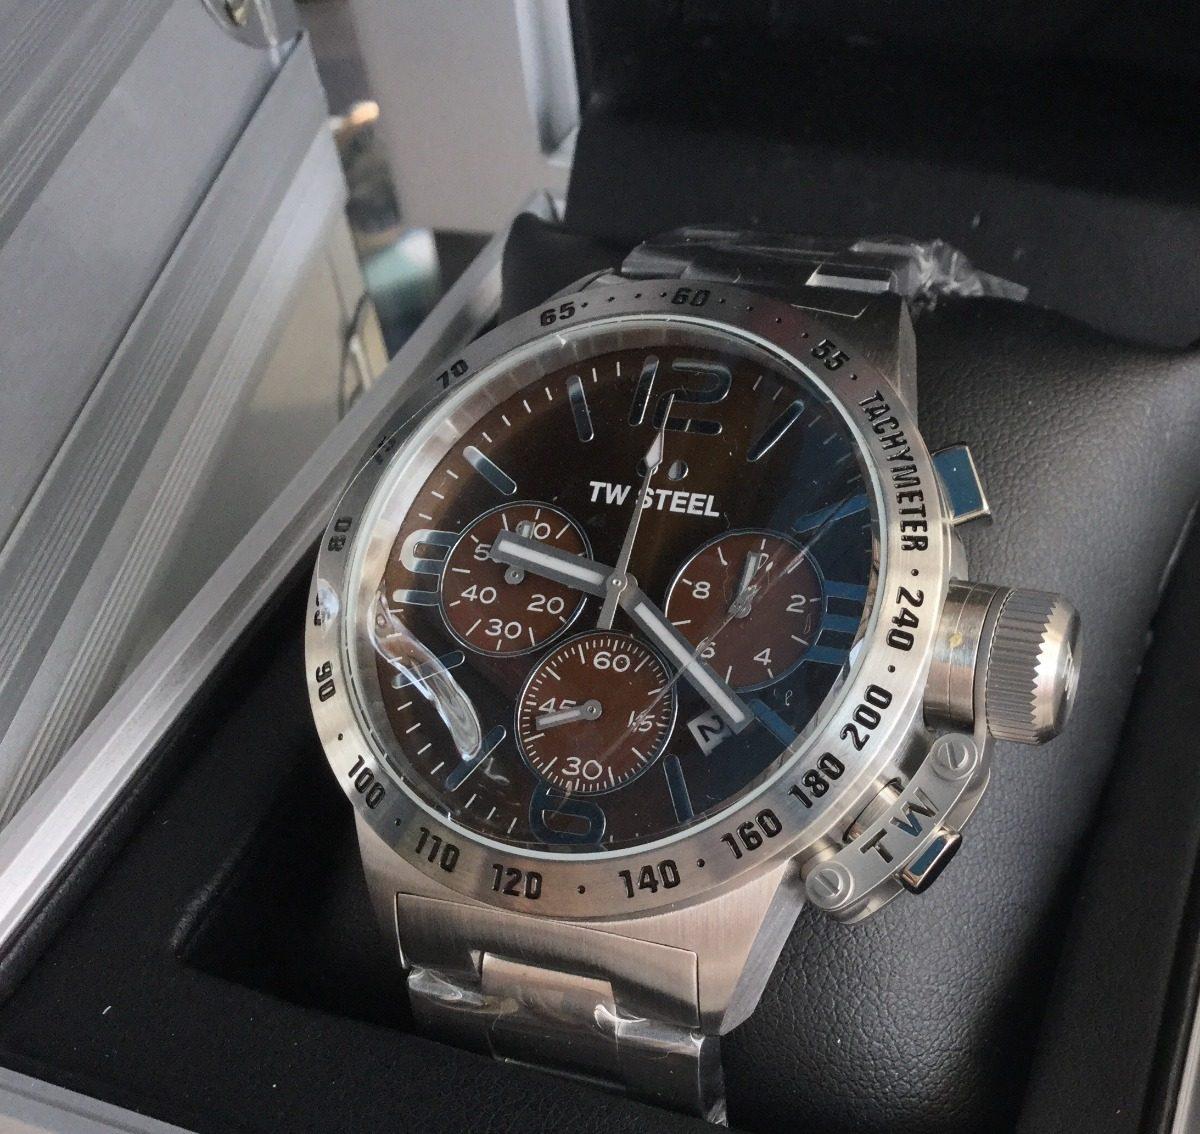 67d2fcf263 Tw Steel Reloj Hombre Canteen Quartz 45mm Cronógrafo - S/ 750,00 en ...